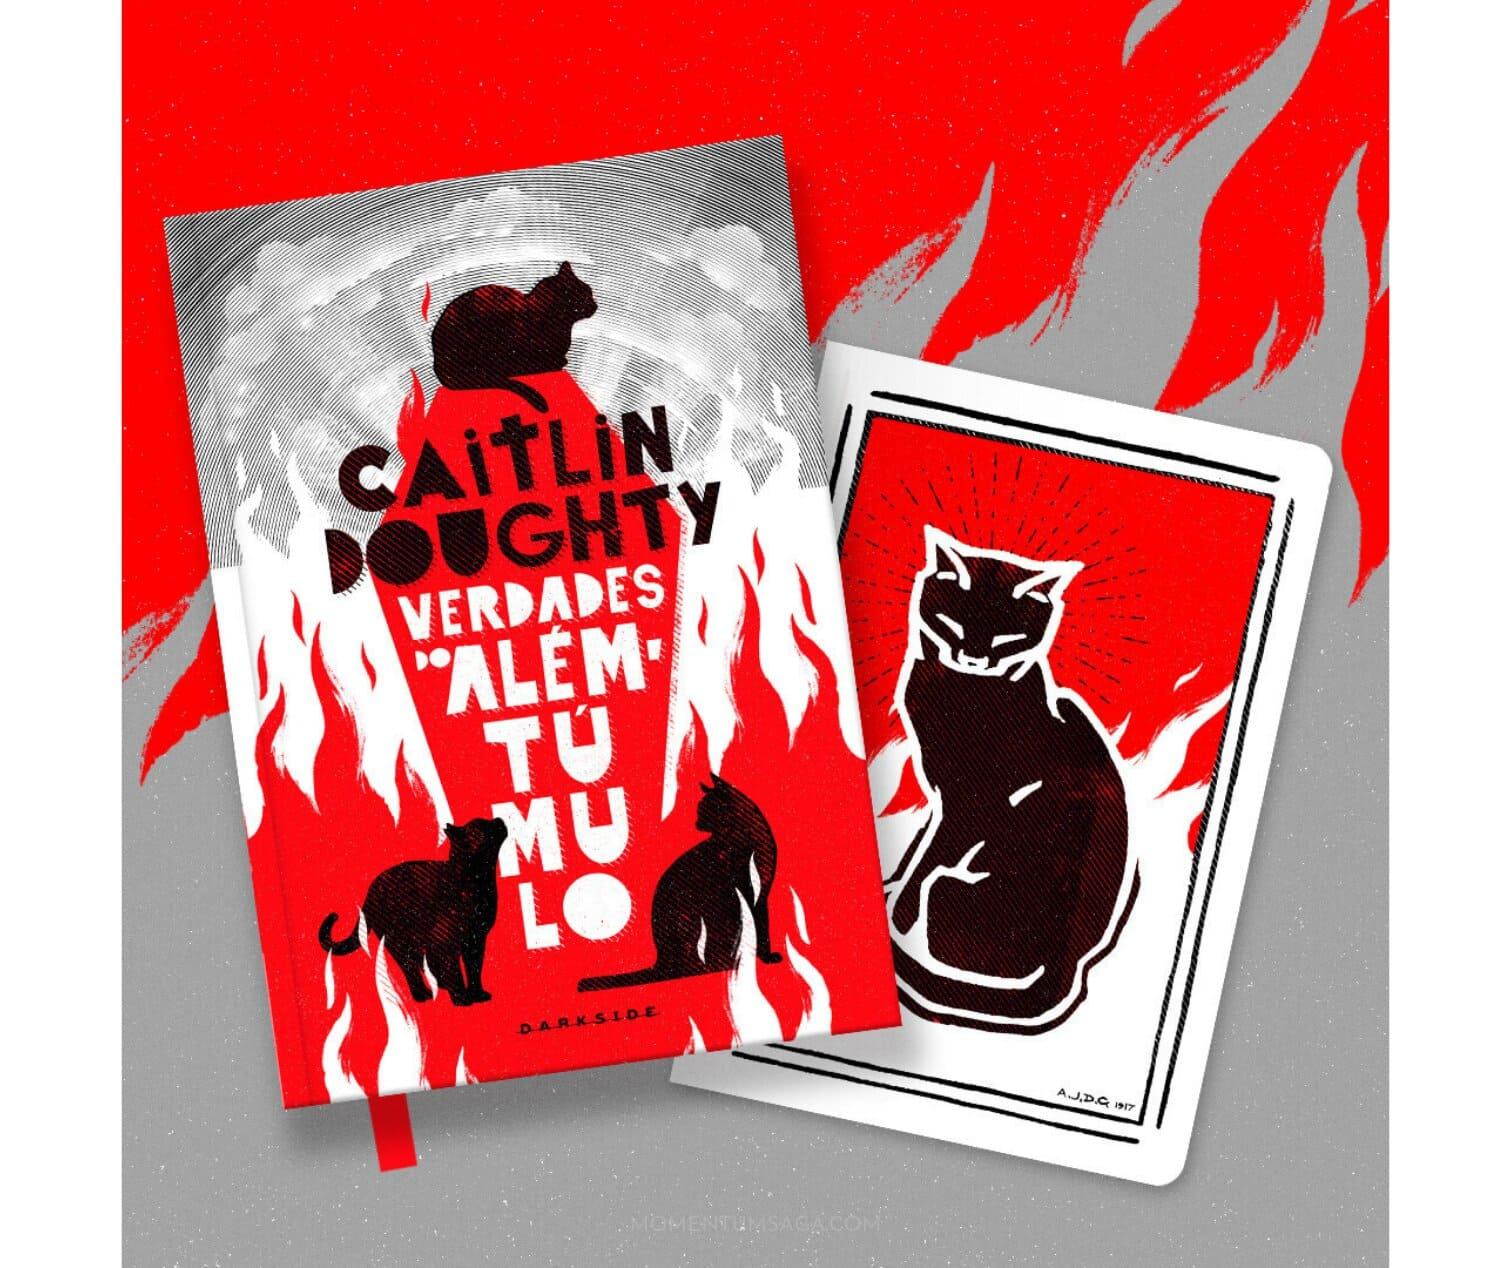 Resenha: Verdades do Além-Túmulo, de Caitlin Doughty